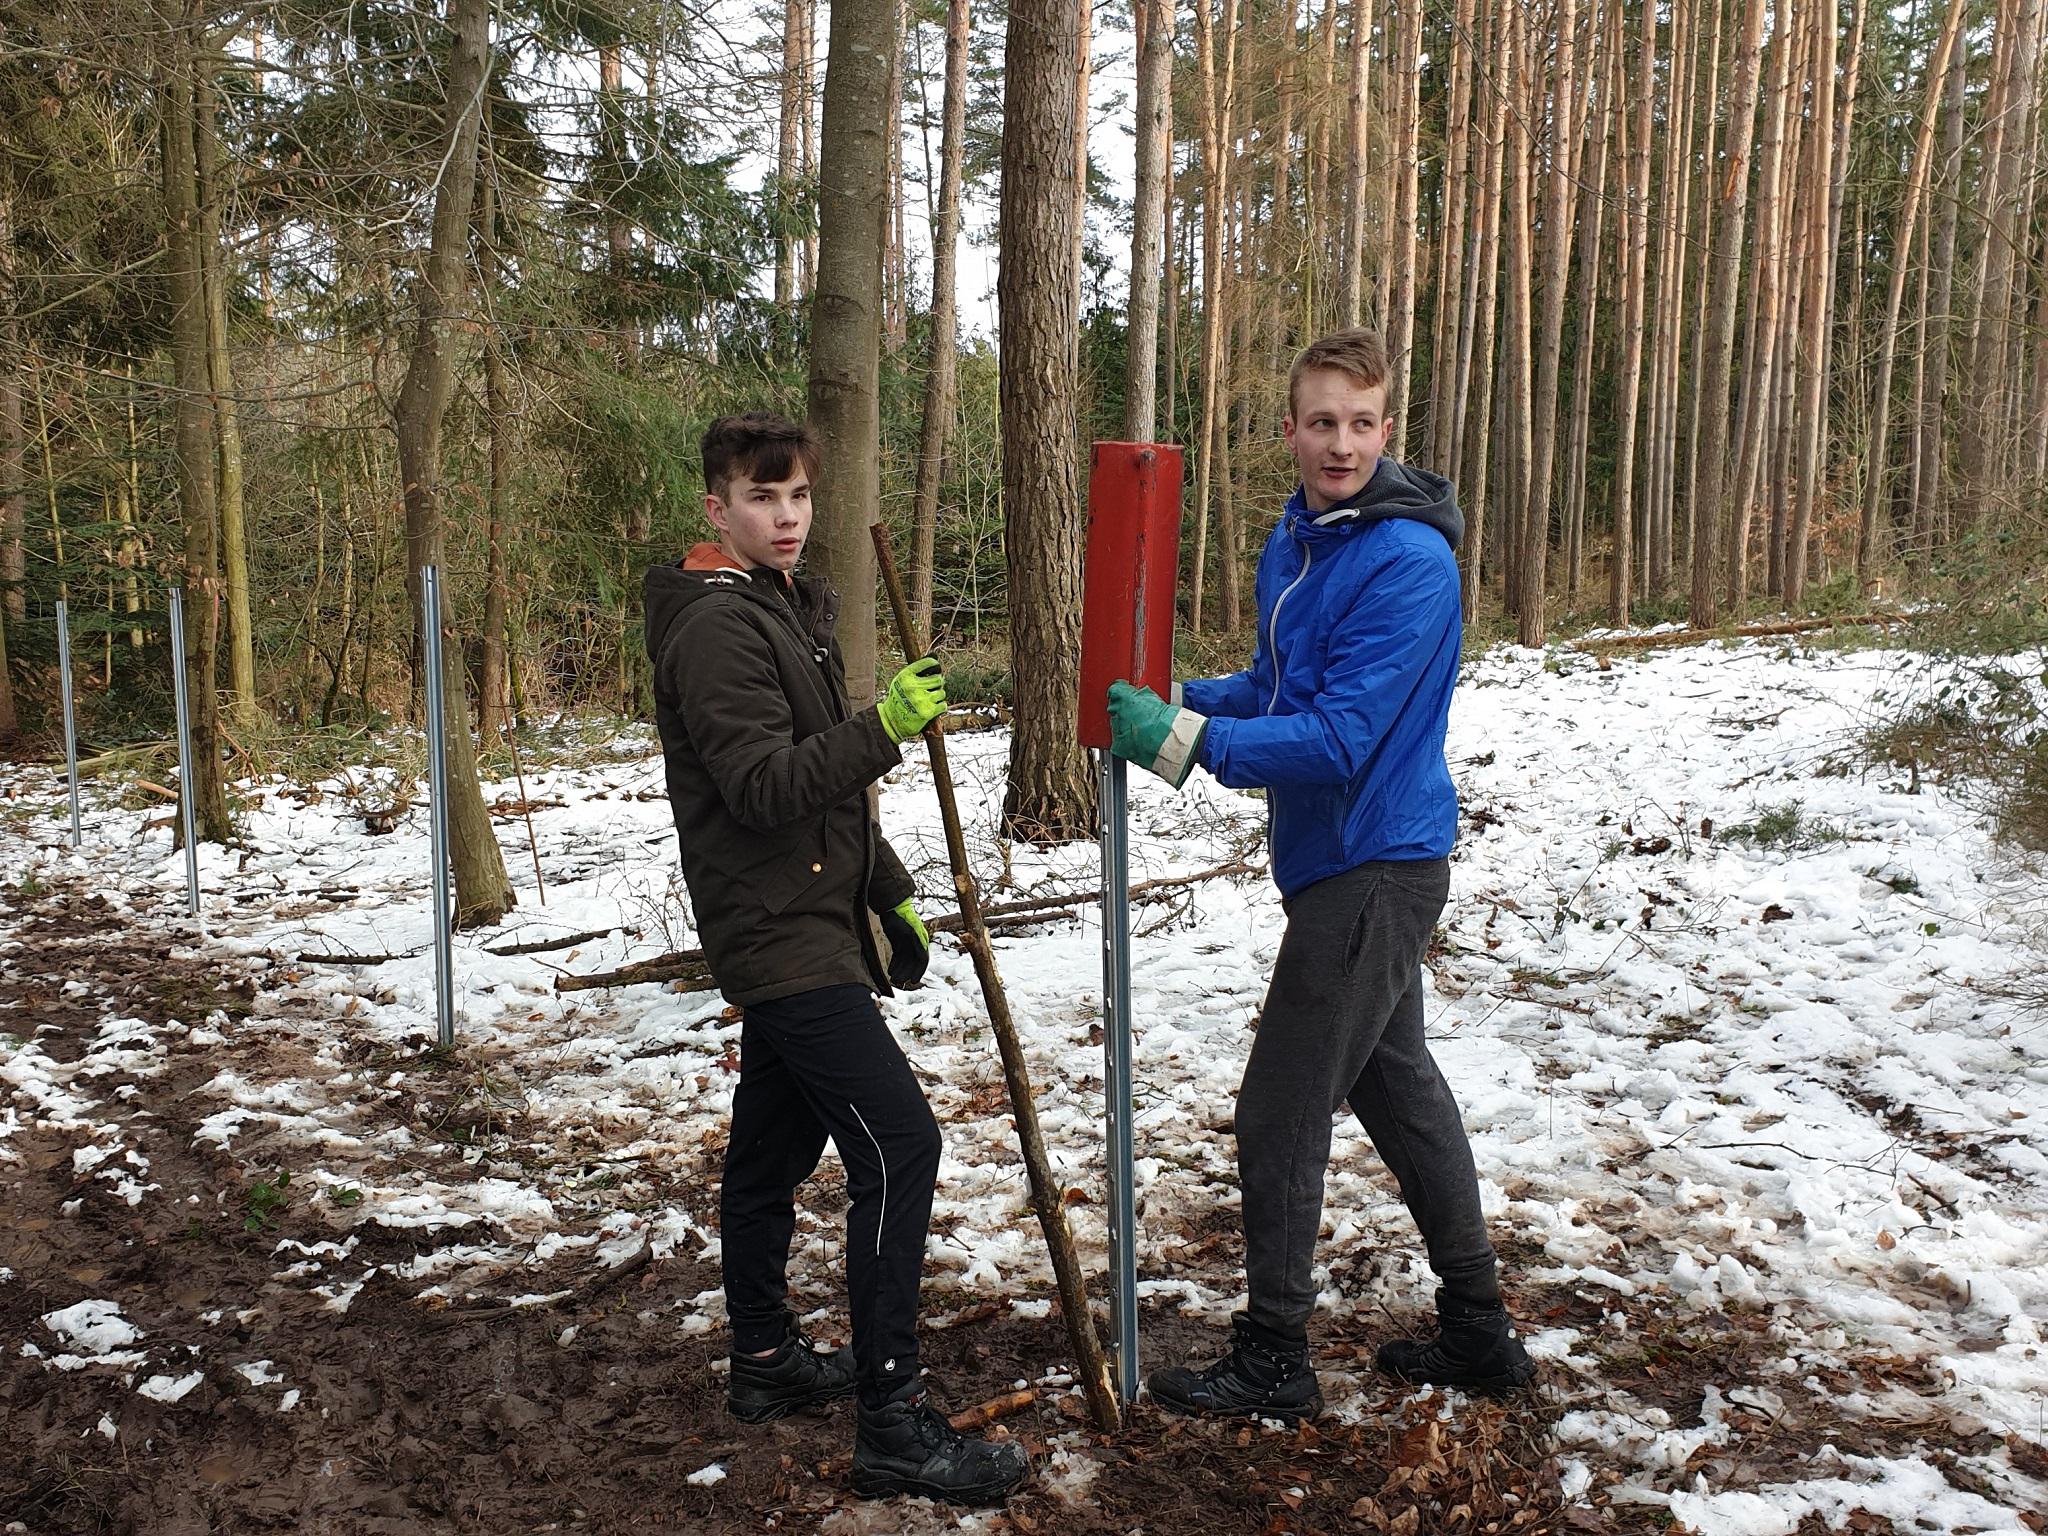 Ehrenamtliche Helfer beim Baumpflanzprojekt. Foto: Stefan Klingner